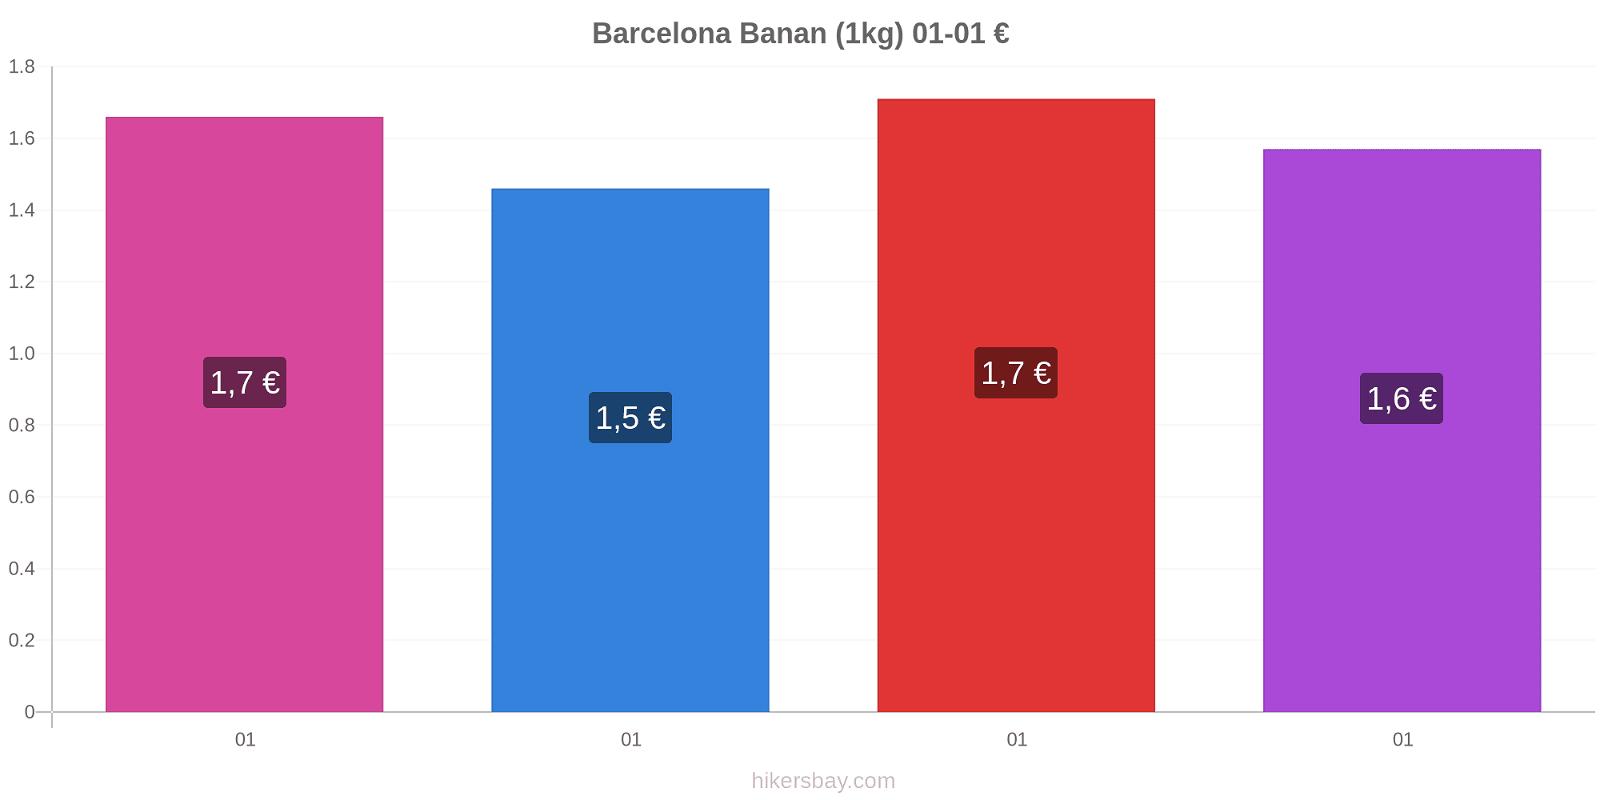 Barcelona prisförändringar Banan (1kg) hikersbay.com